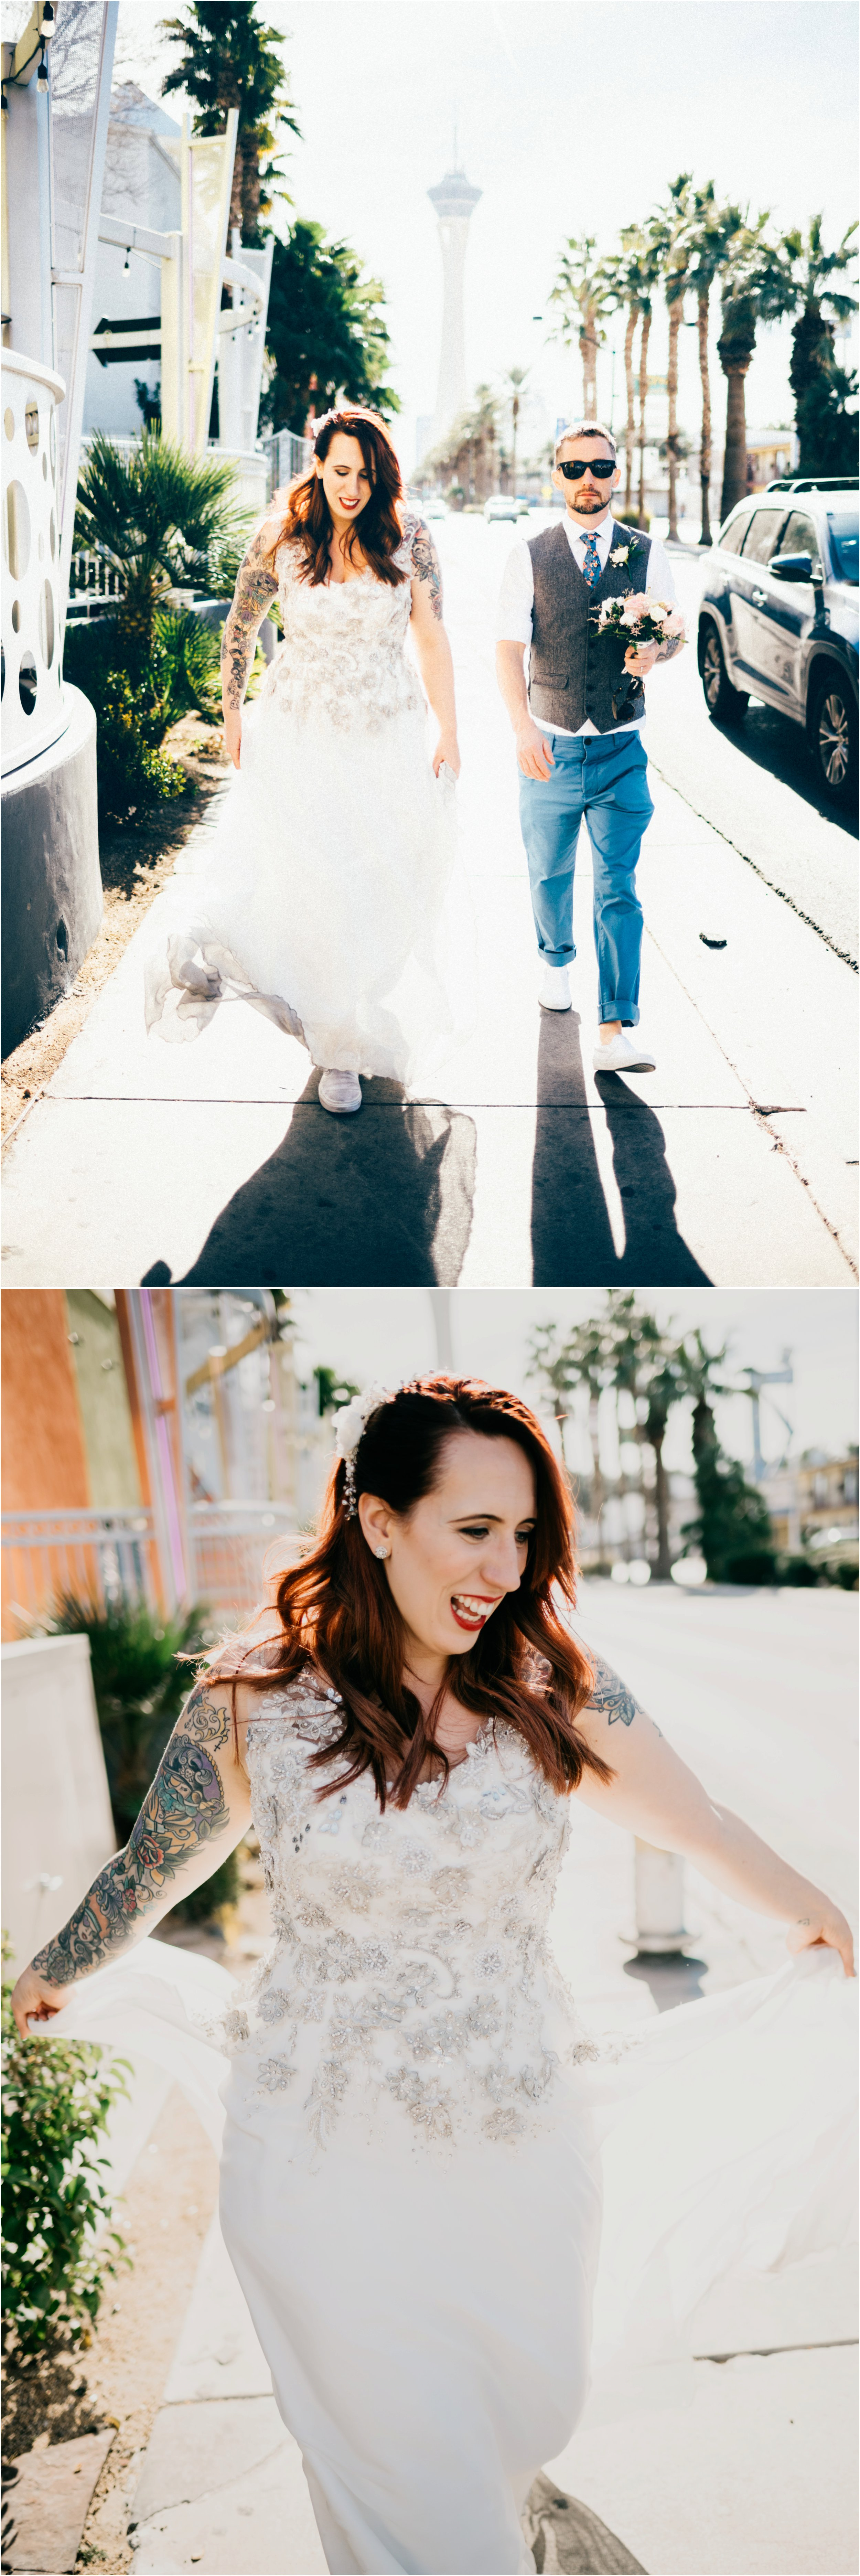 Vegas elopement destination wedding photographer_0115.jpg